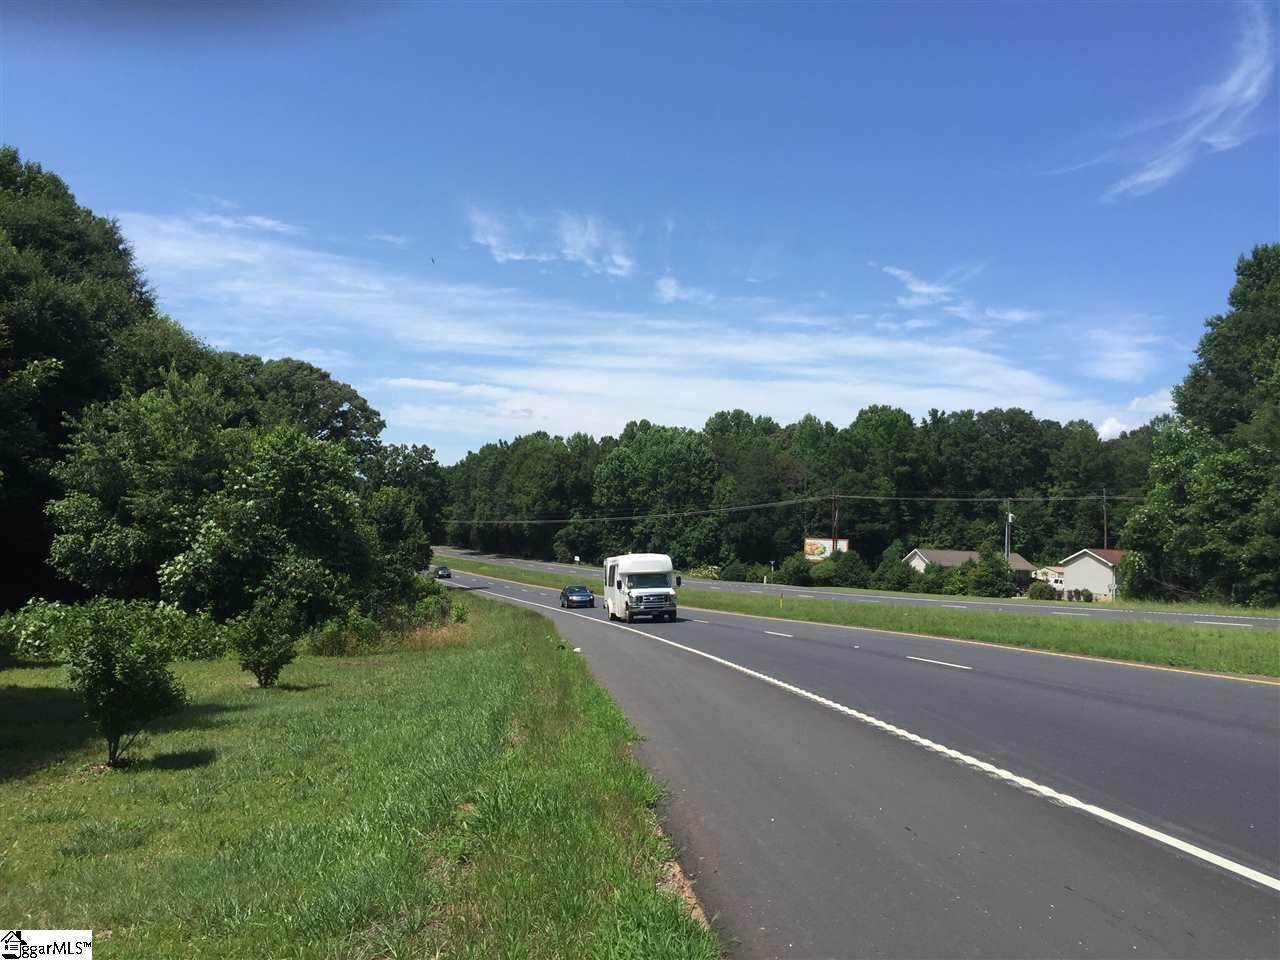 Highway Clemson, SC 29631